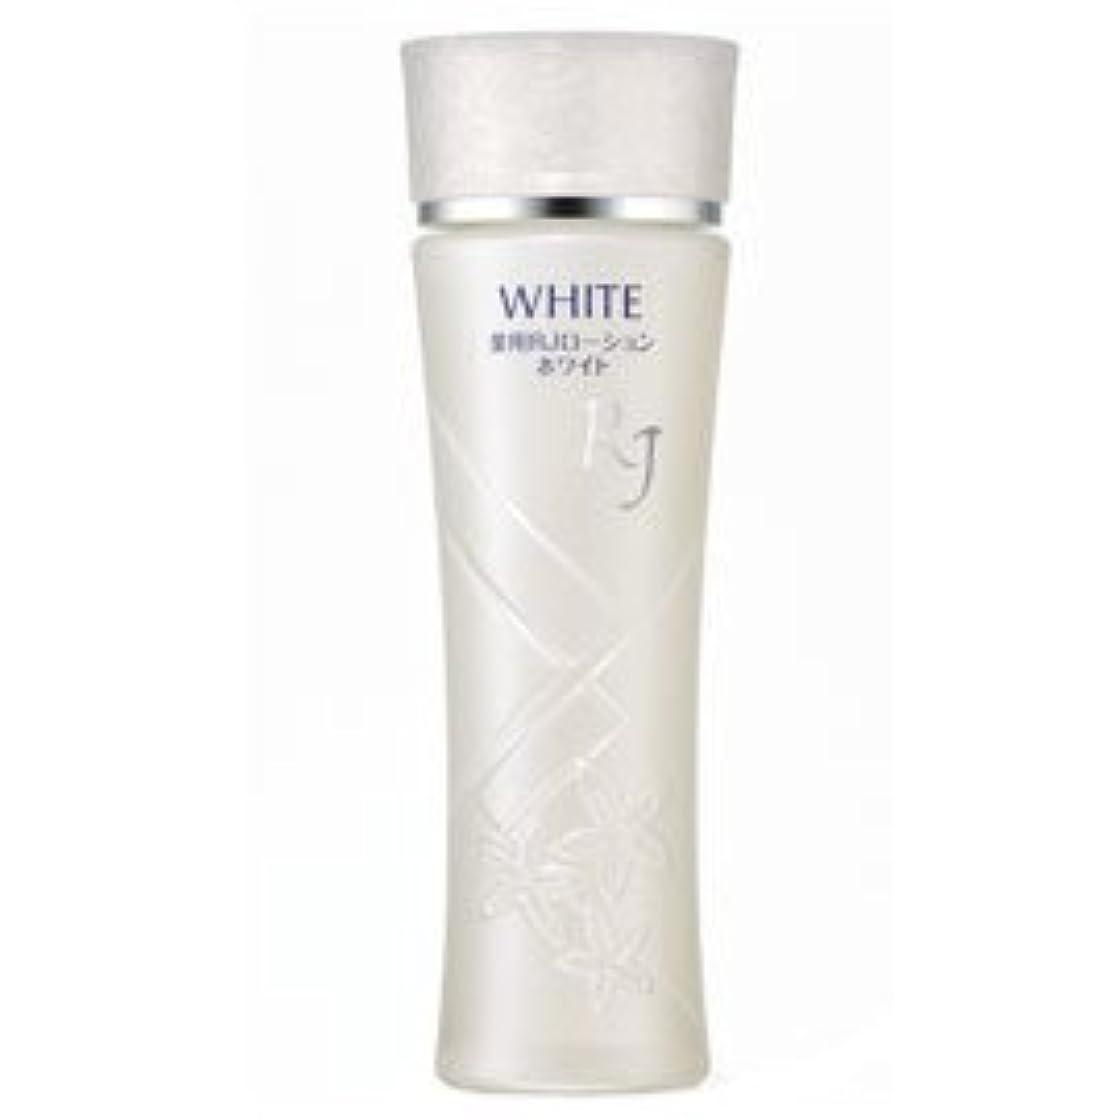 楽な感じベアリングサークル薬用 RJローション ホワイト(医薬部外品) 120mL